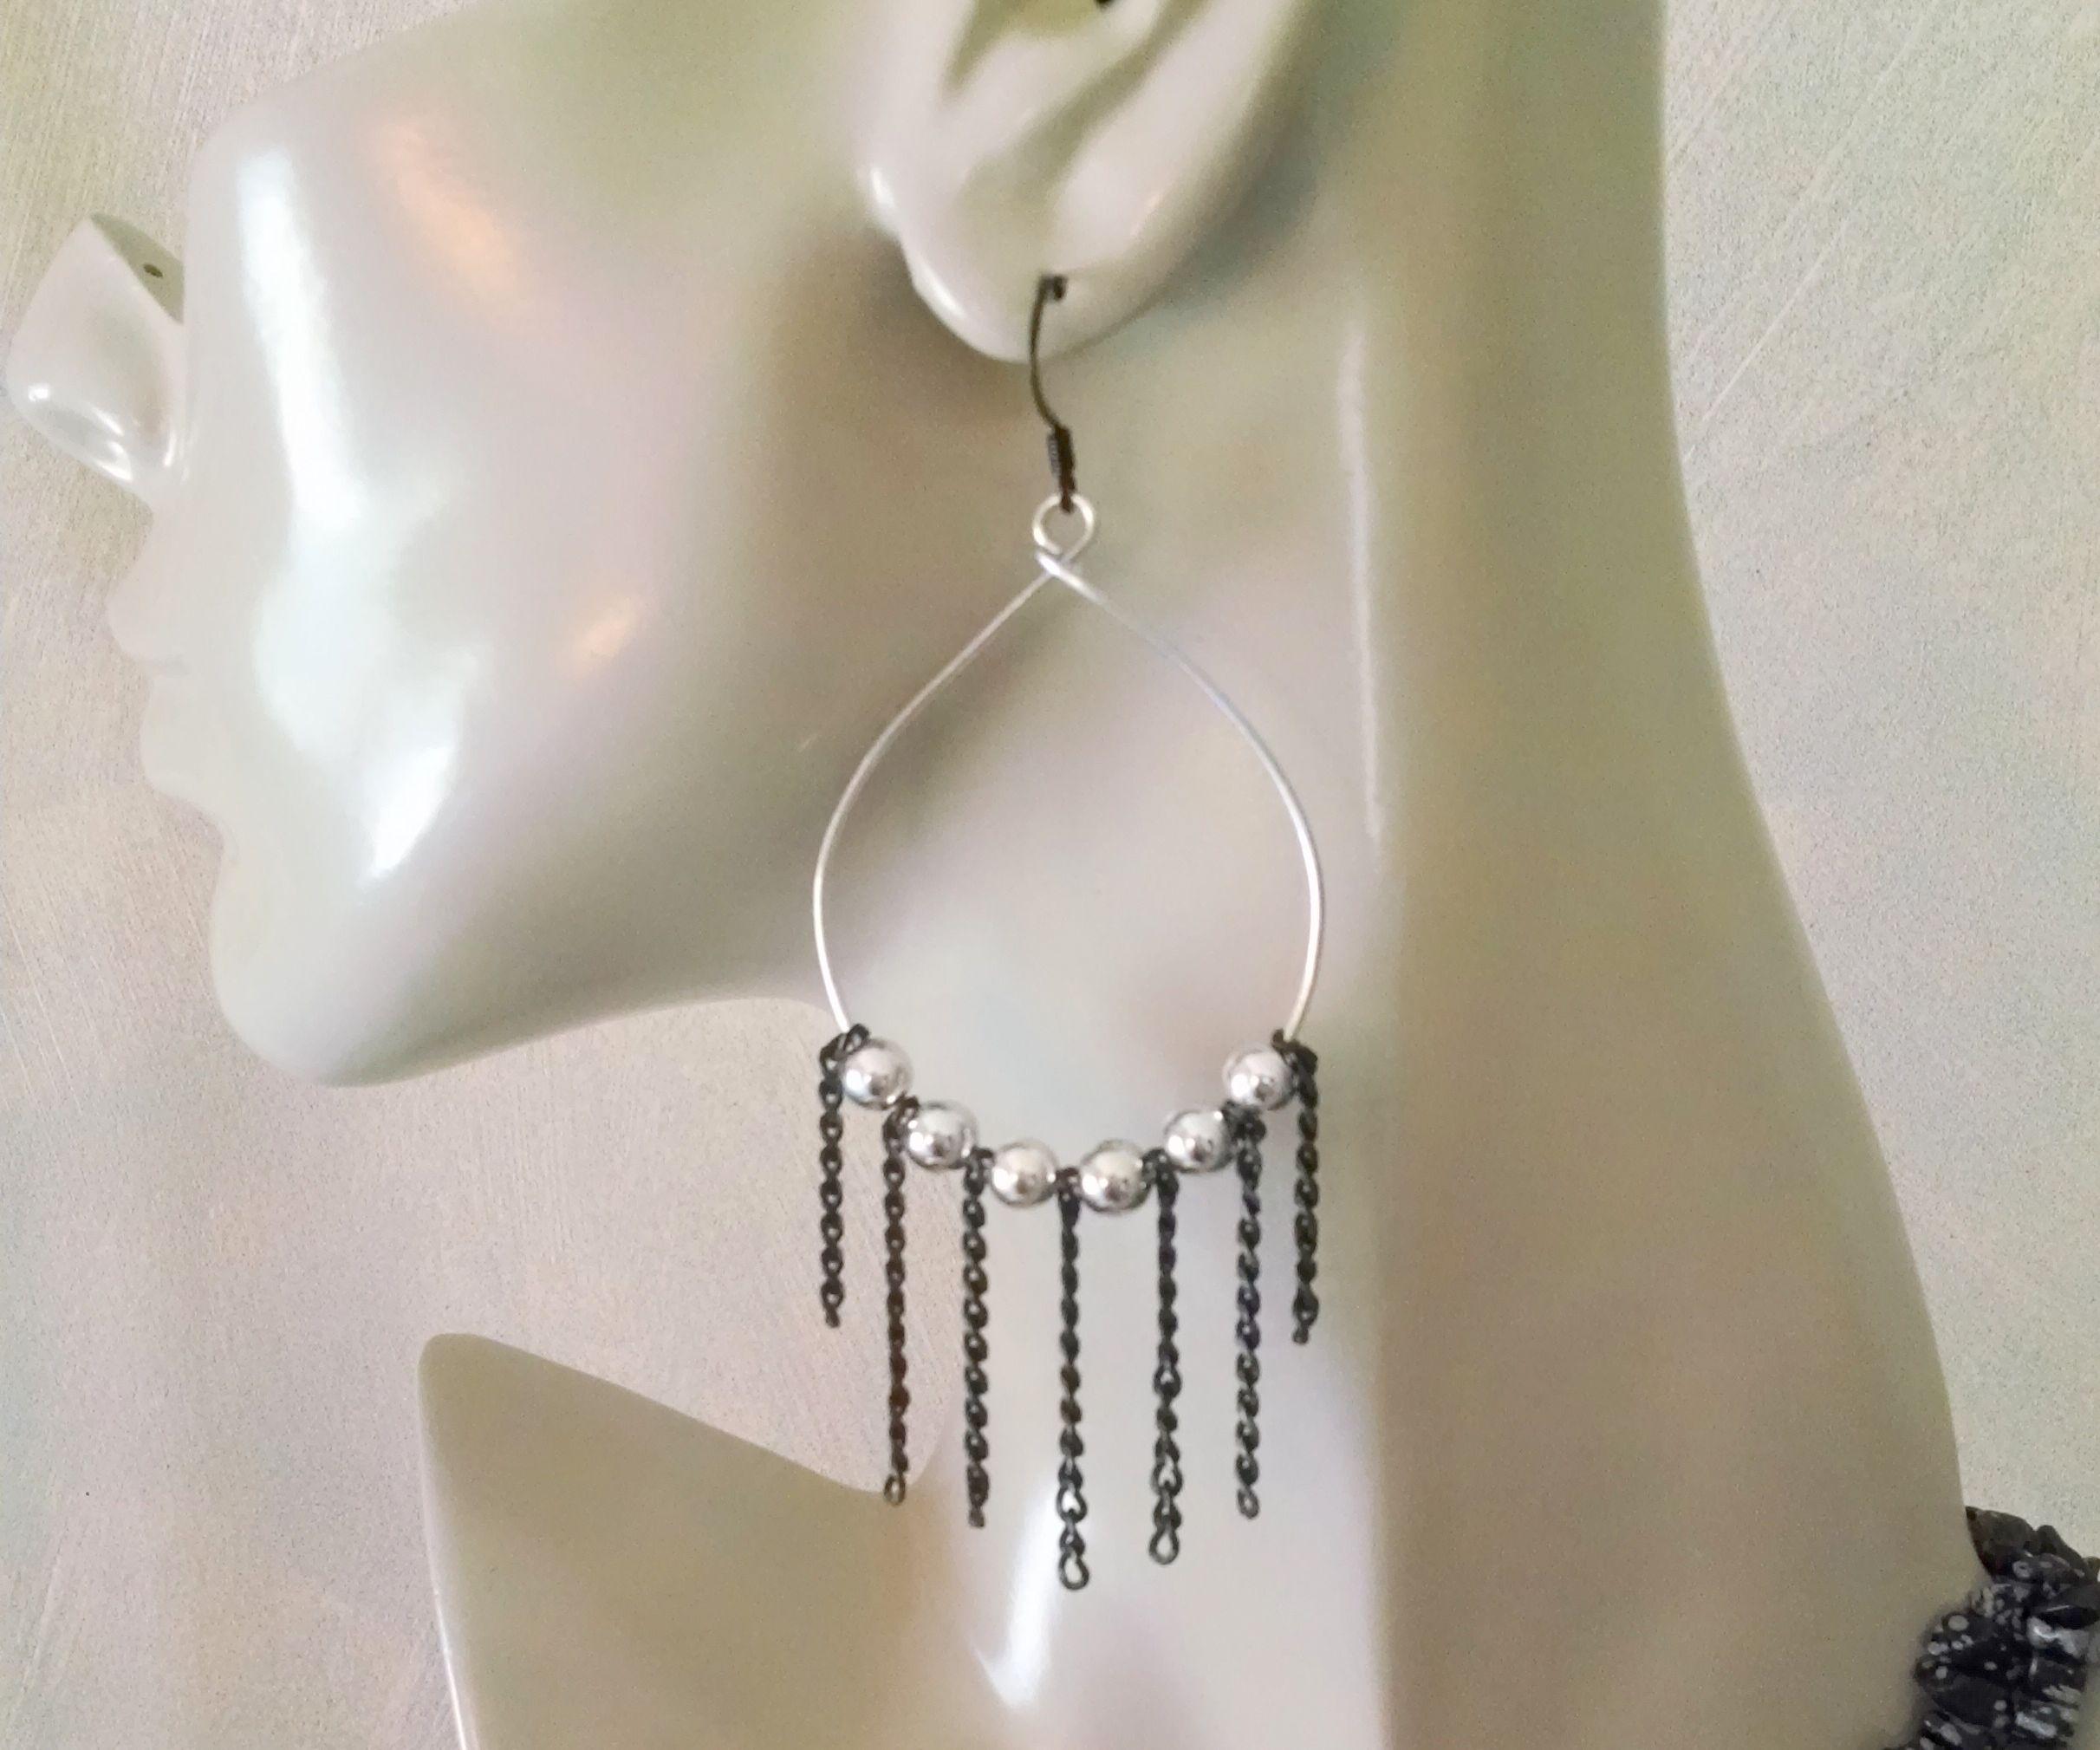 Rock and Roll Hoop earrings